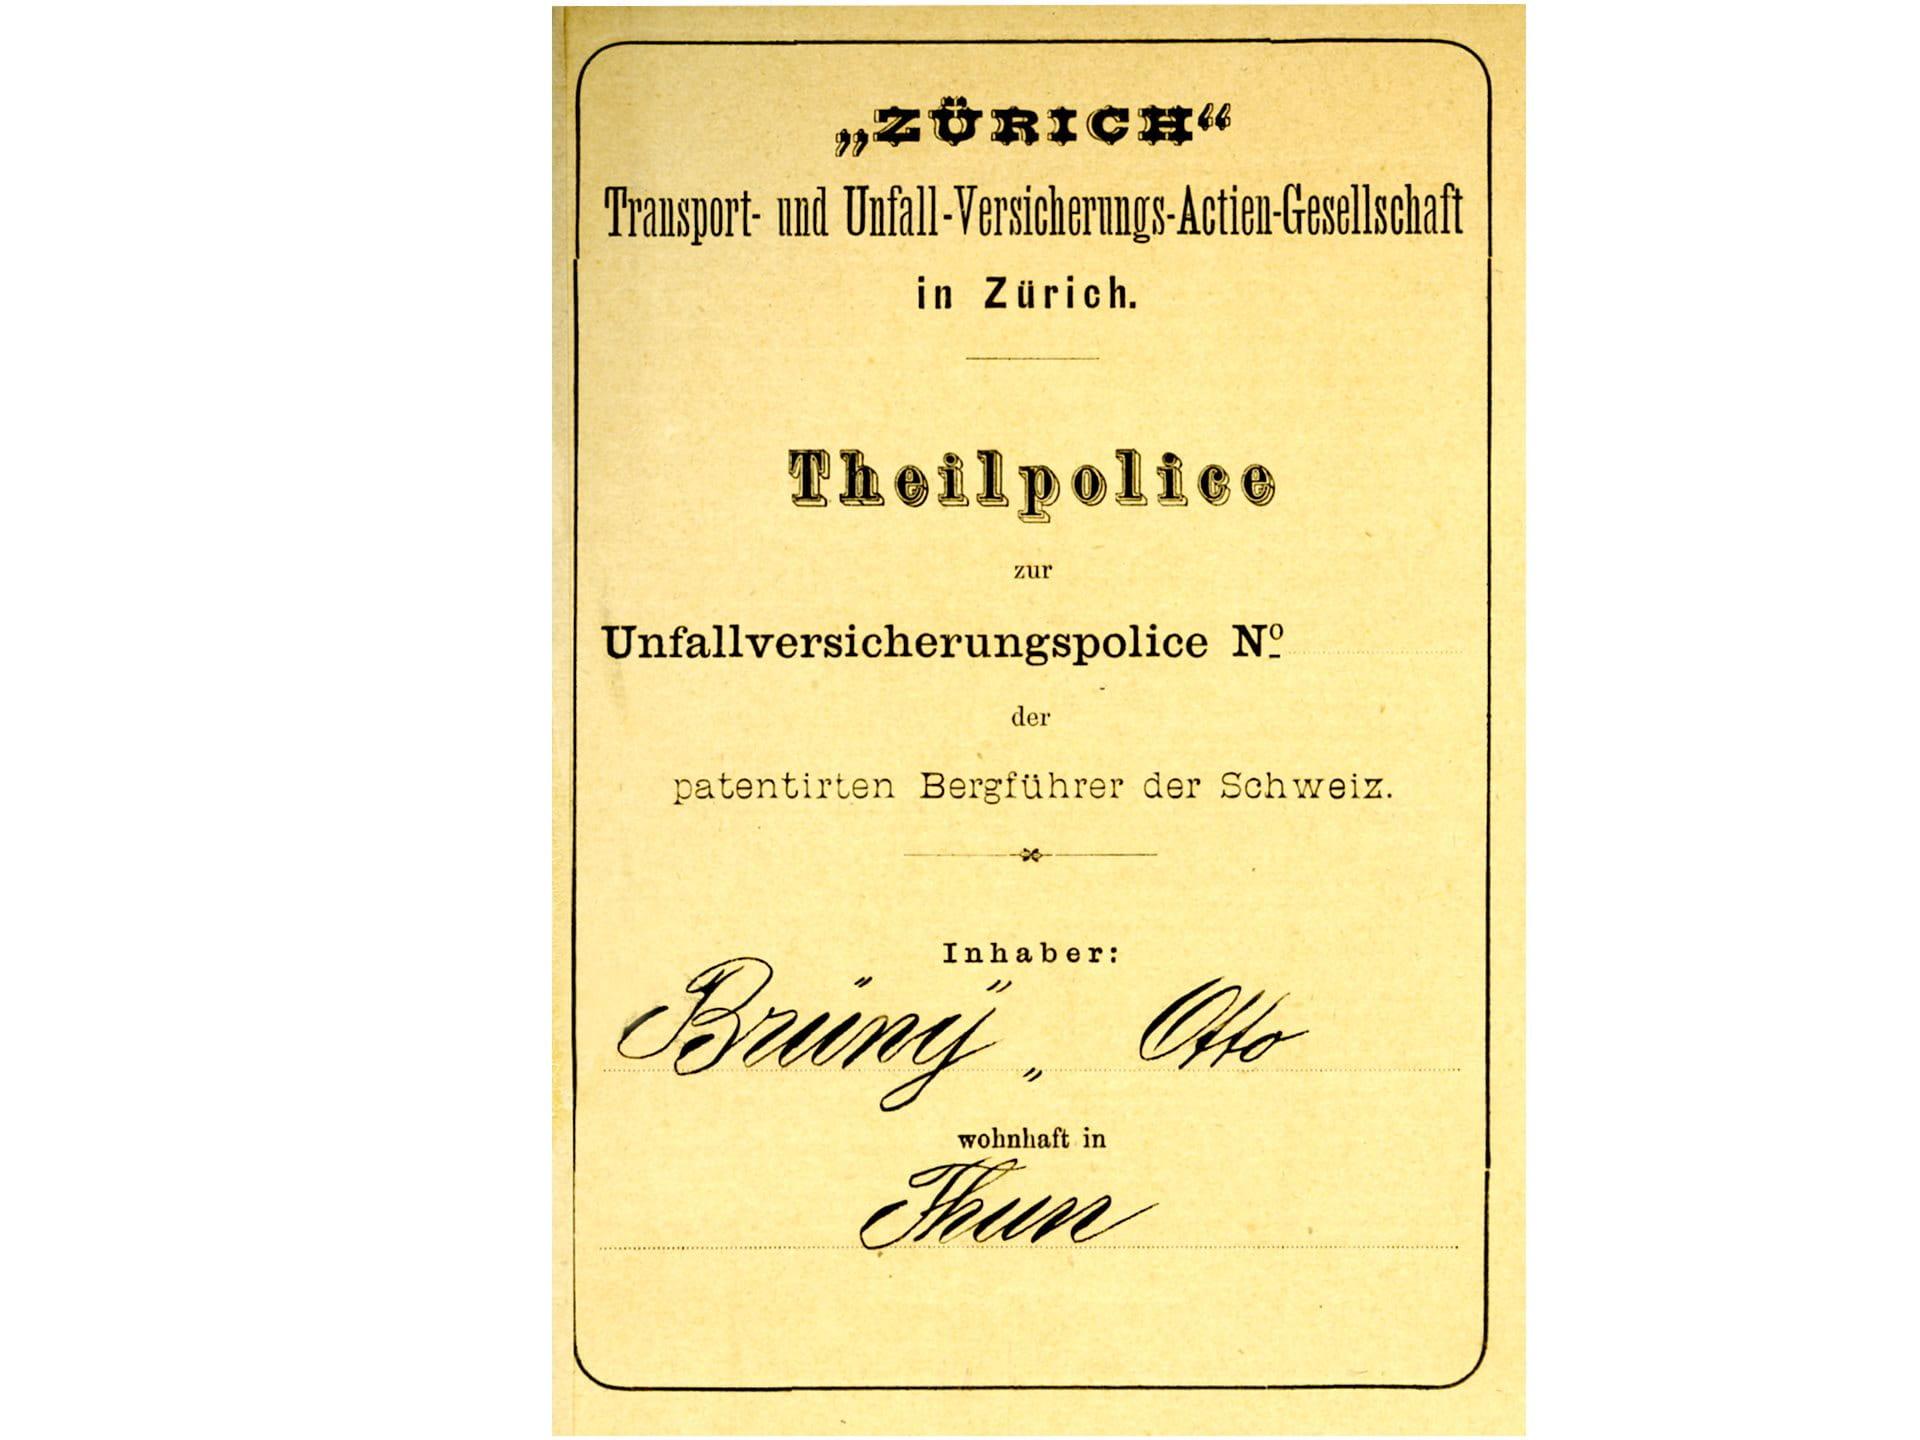 1881: Assicurazione contro gli infortuni per guide alpine